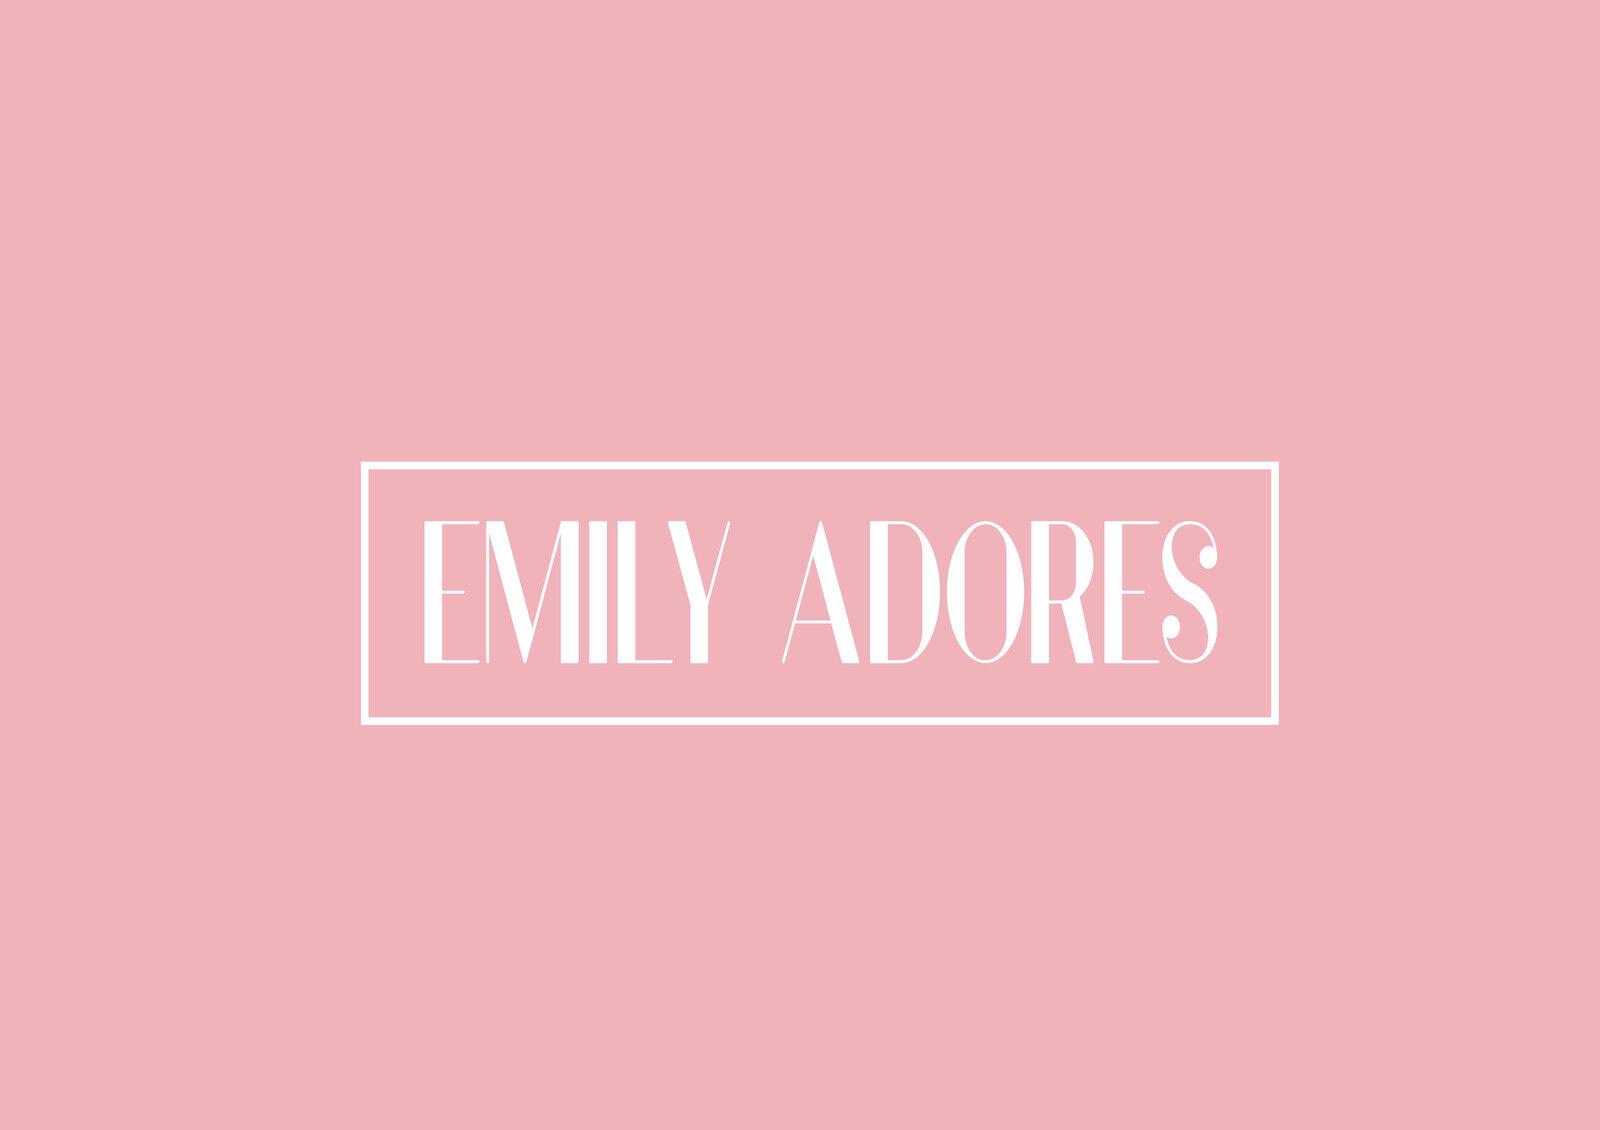 Emily Adores